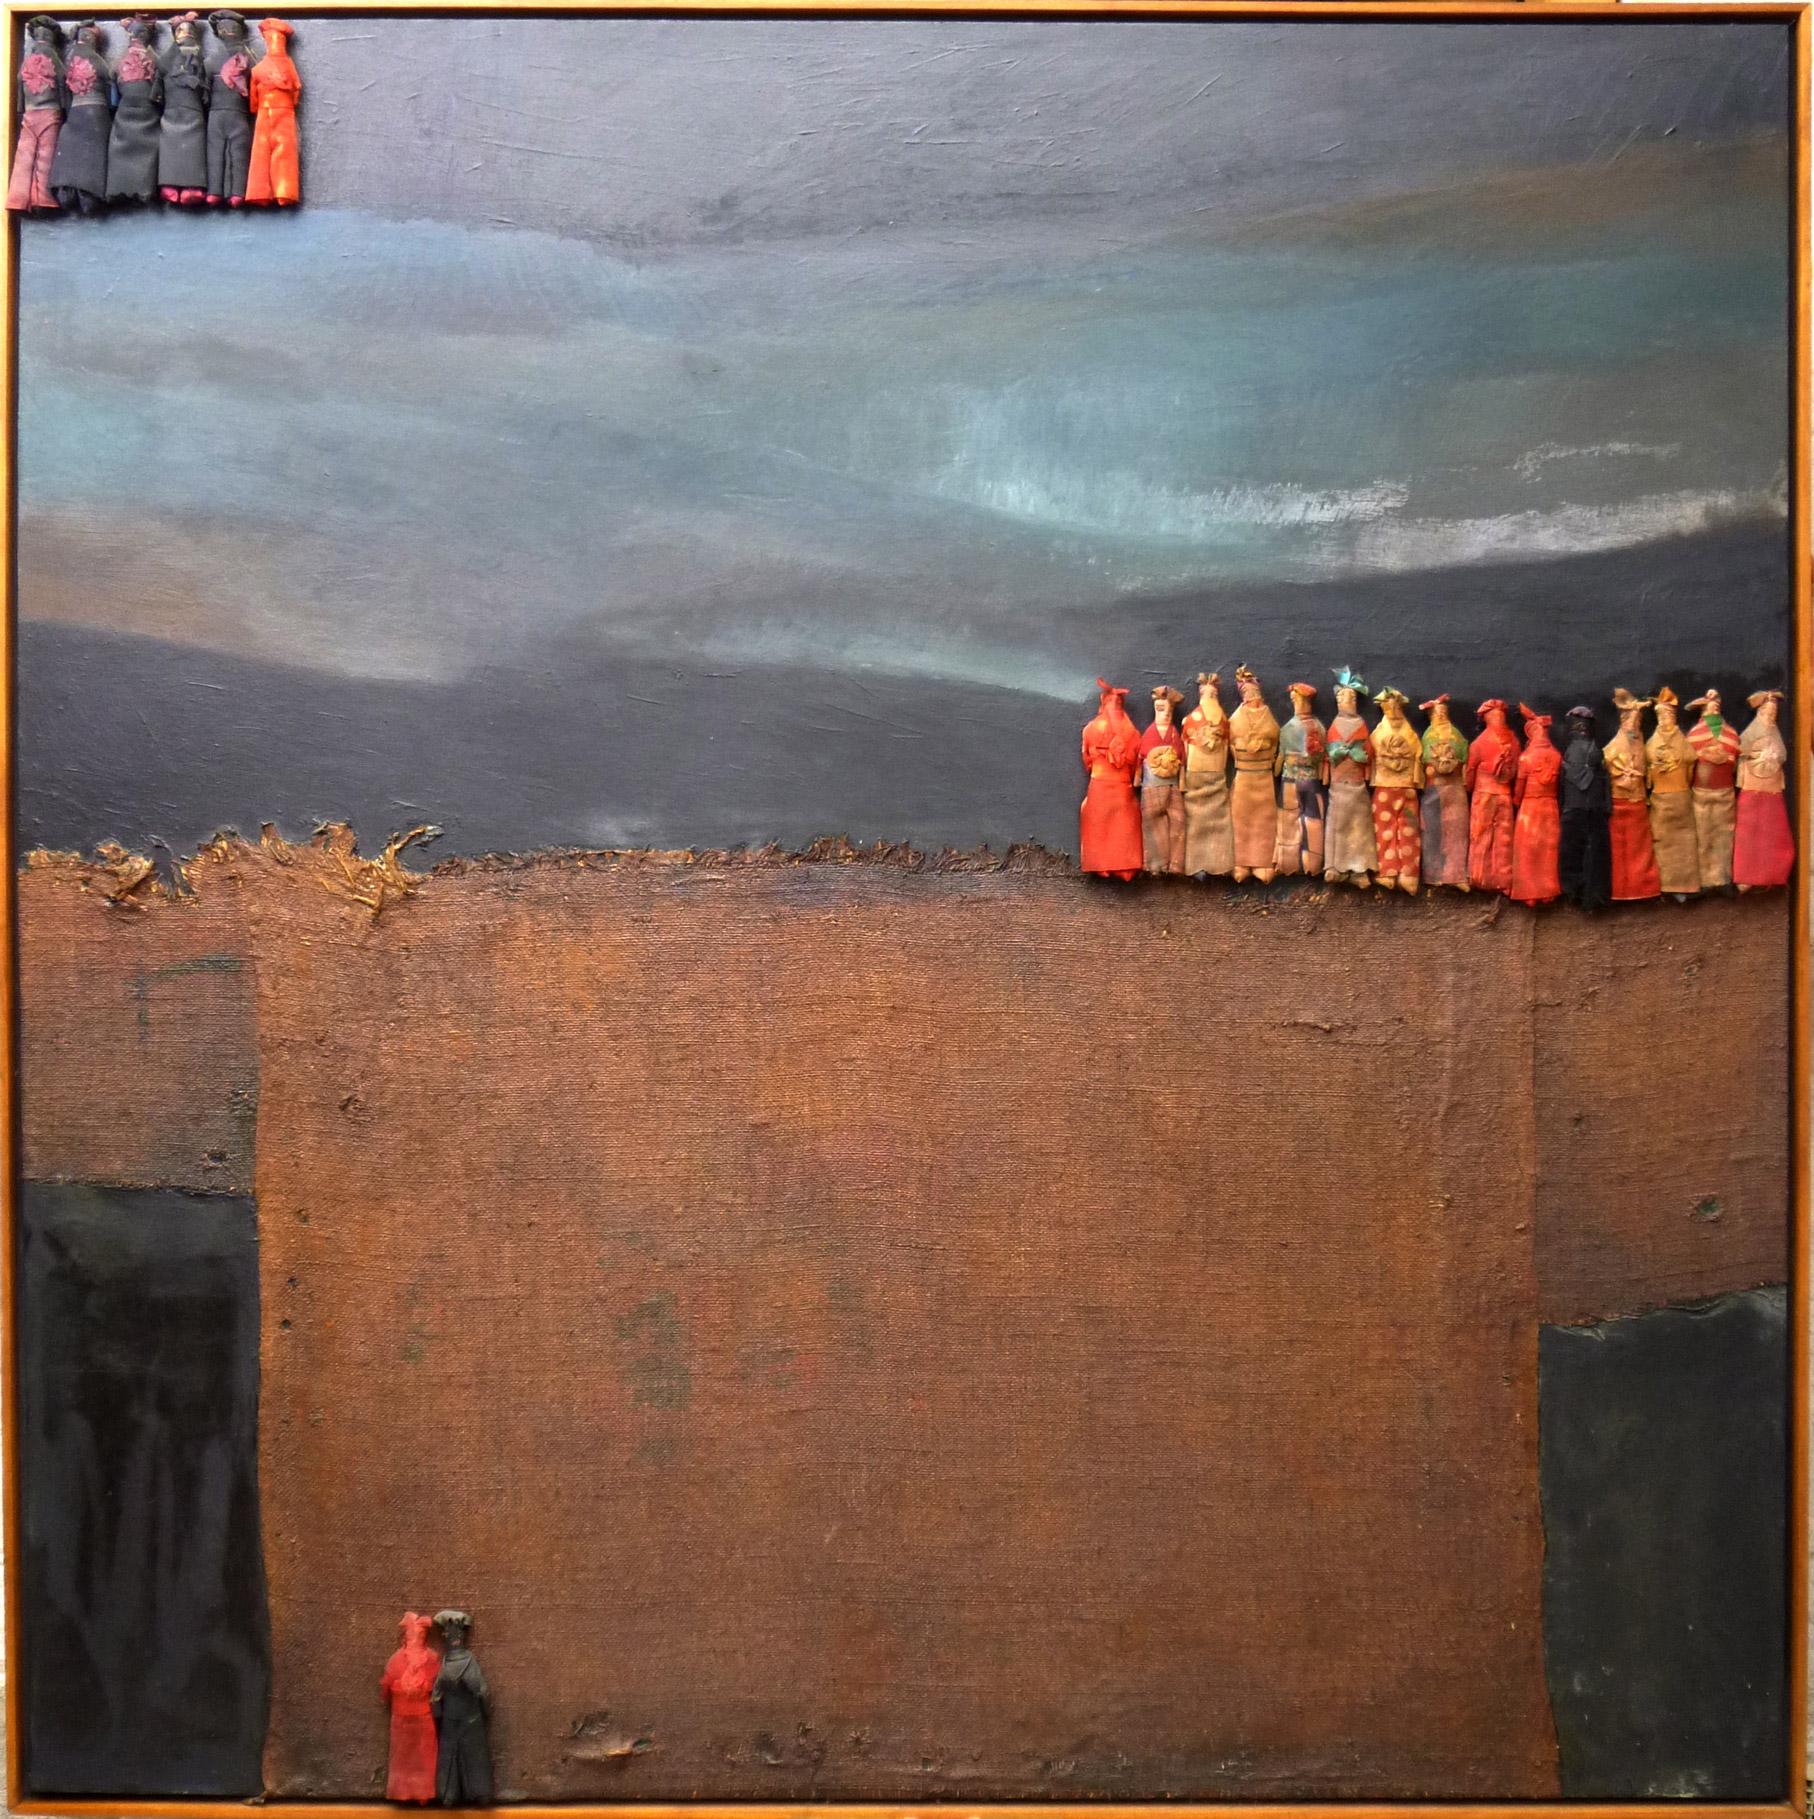 Fotos-Viteri,-Caminantes-somos-de-la-noche-y-de-la-pena,-160x160cm,-1979.jpg